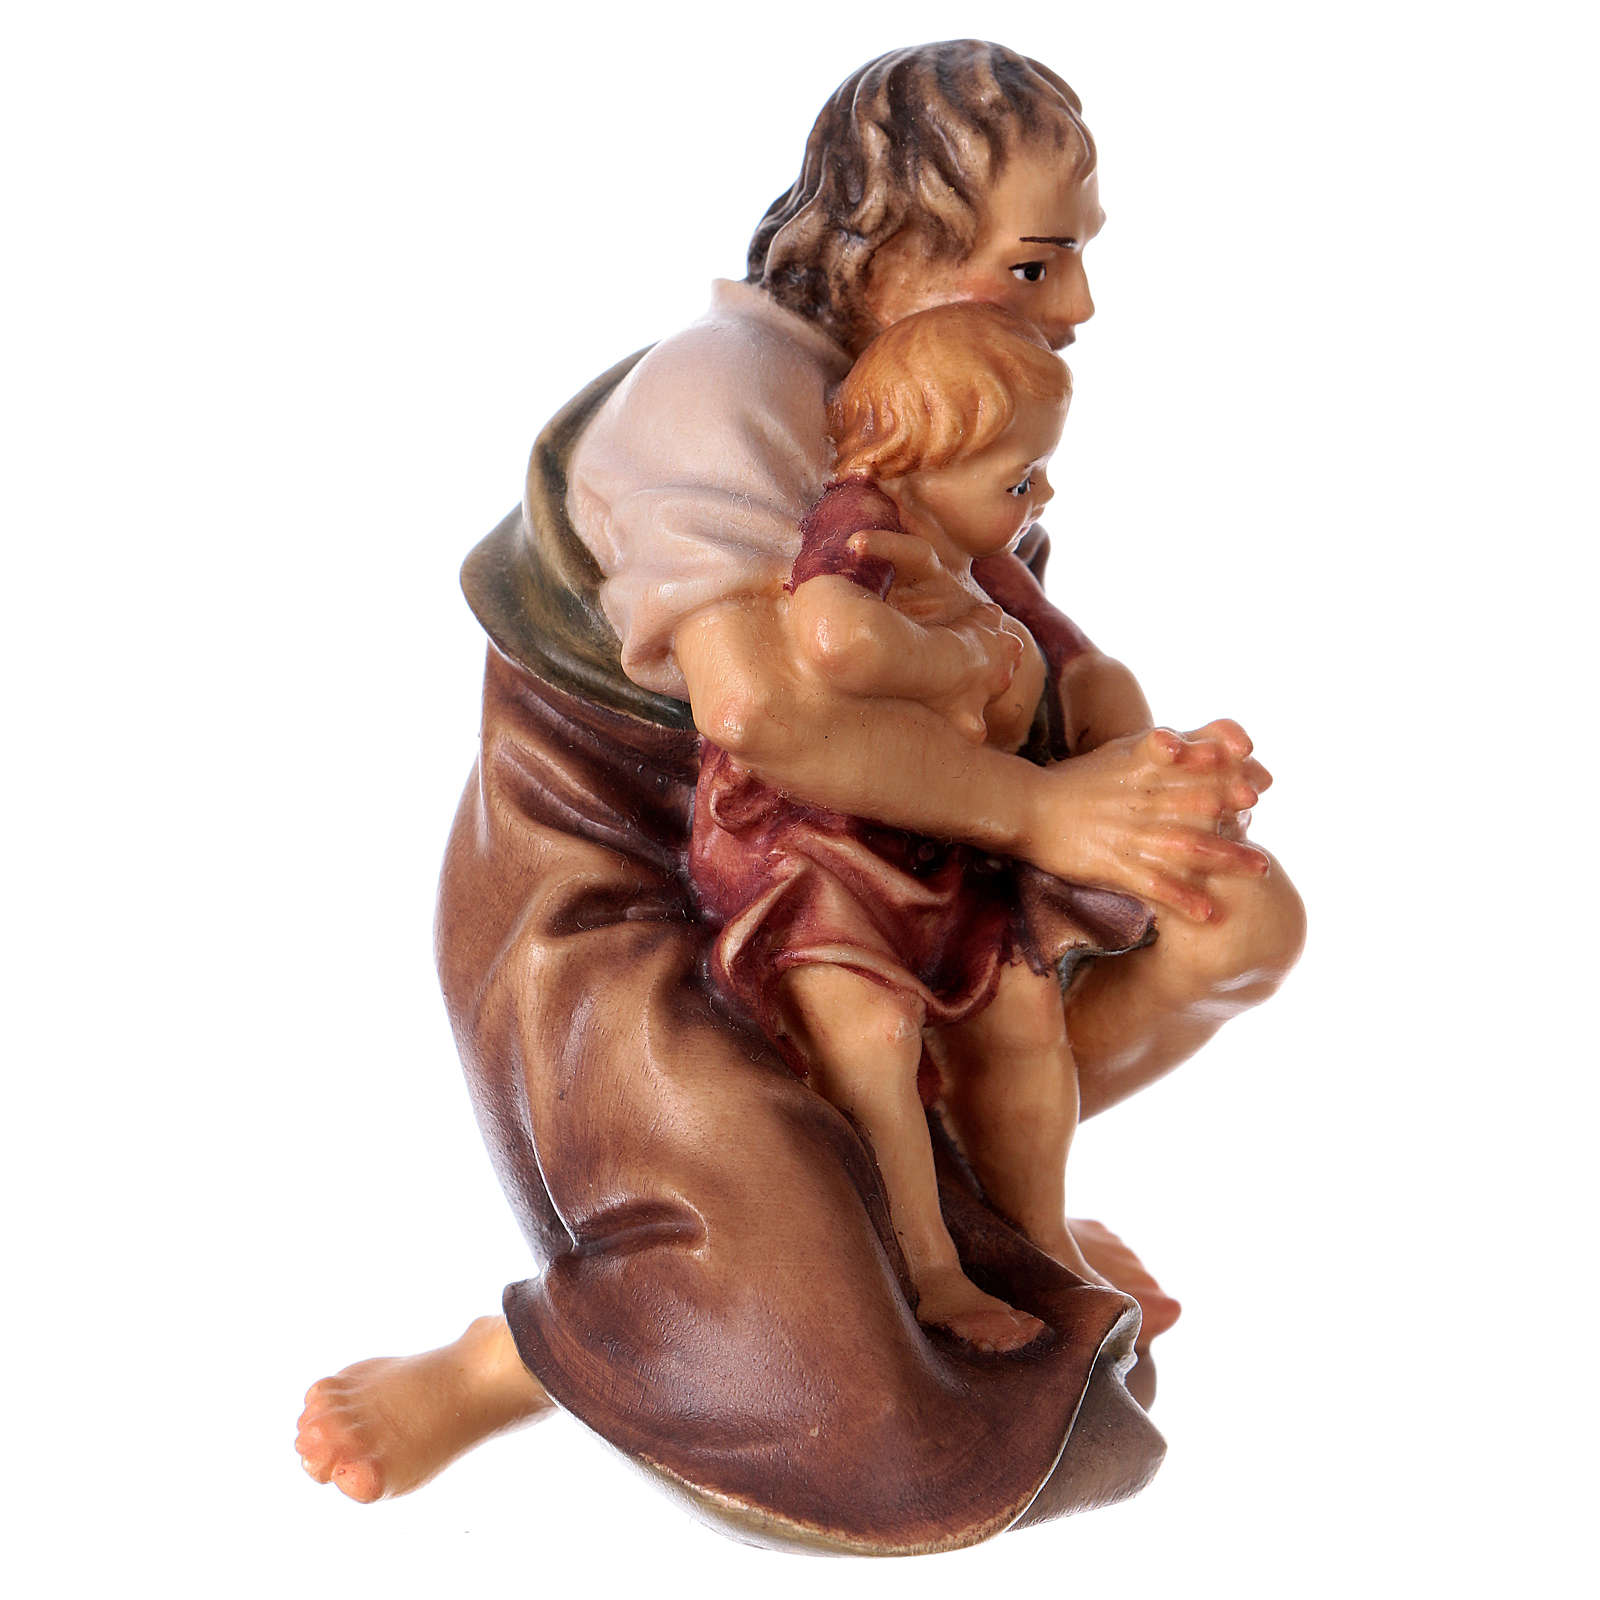 Pastor de rodillas con niño belén Original madera pintada Val Gardena 12 cm de altura media 4